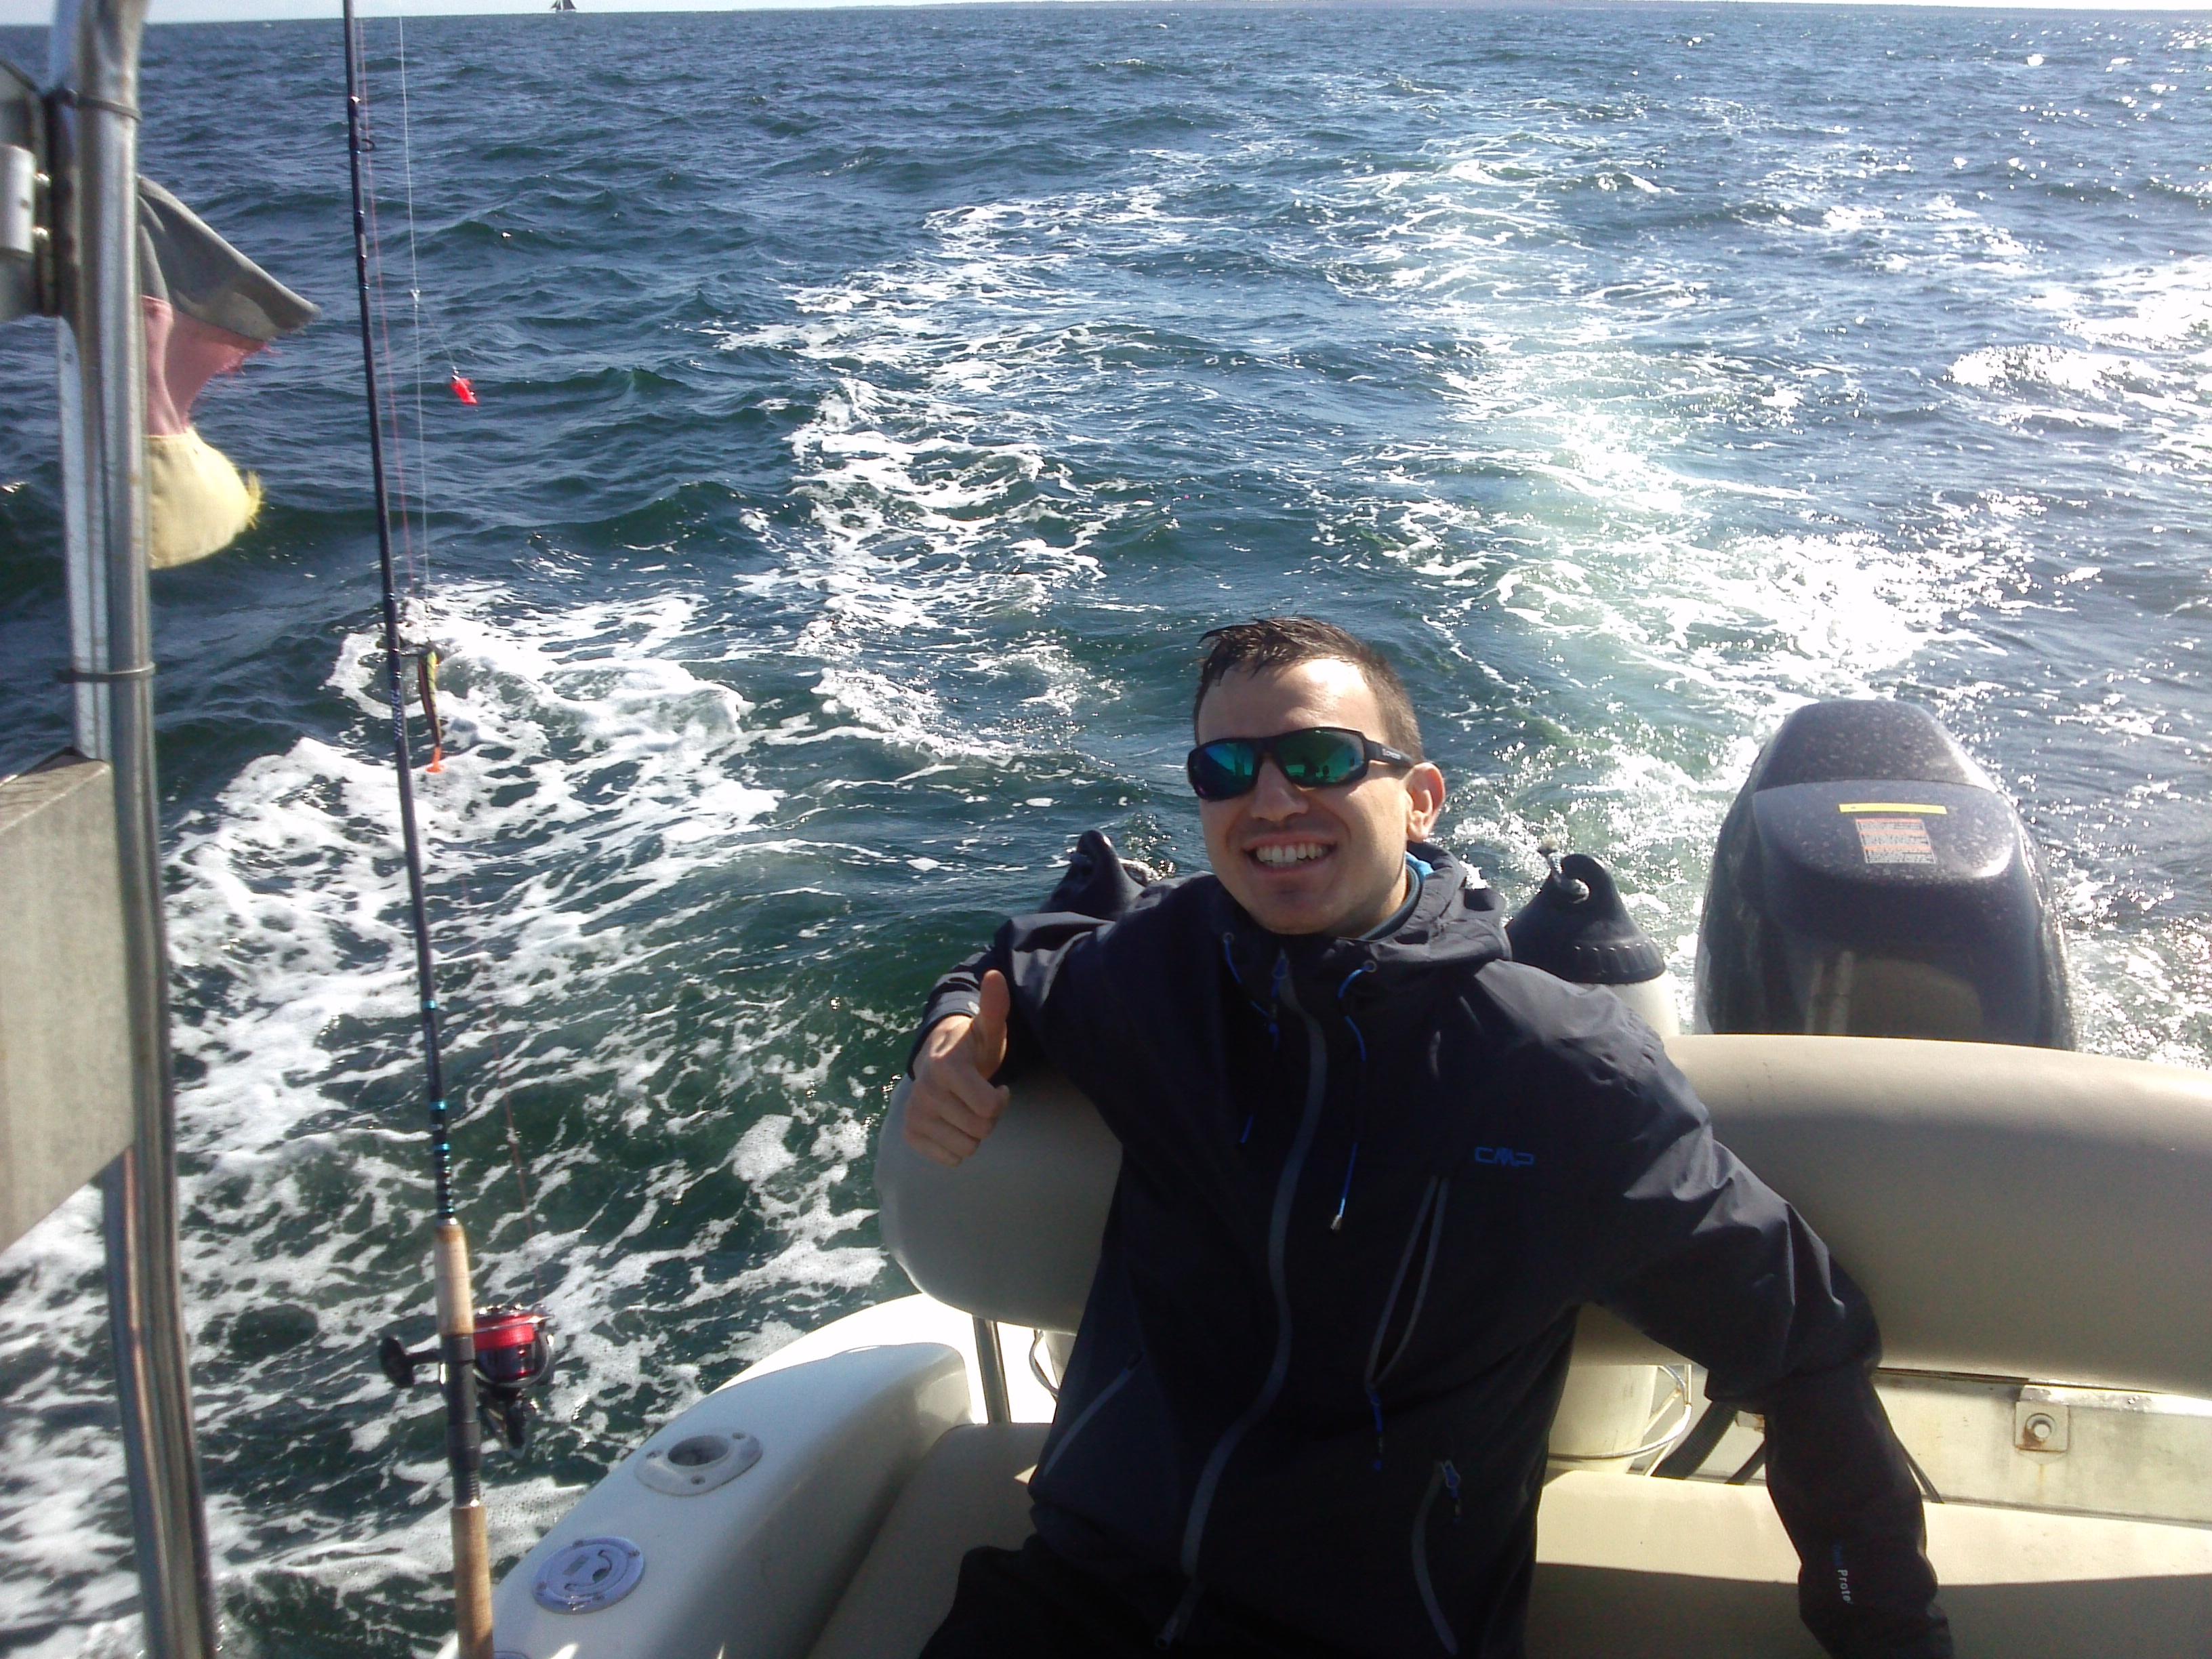 Fiskado - OWS 18.08.2018 029 1 - Ostseewassersport - Poseidon - angeltouren, ferienwohnungen, cutter-rides, bootsverleih, boat-charters, angelguiding